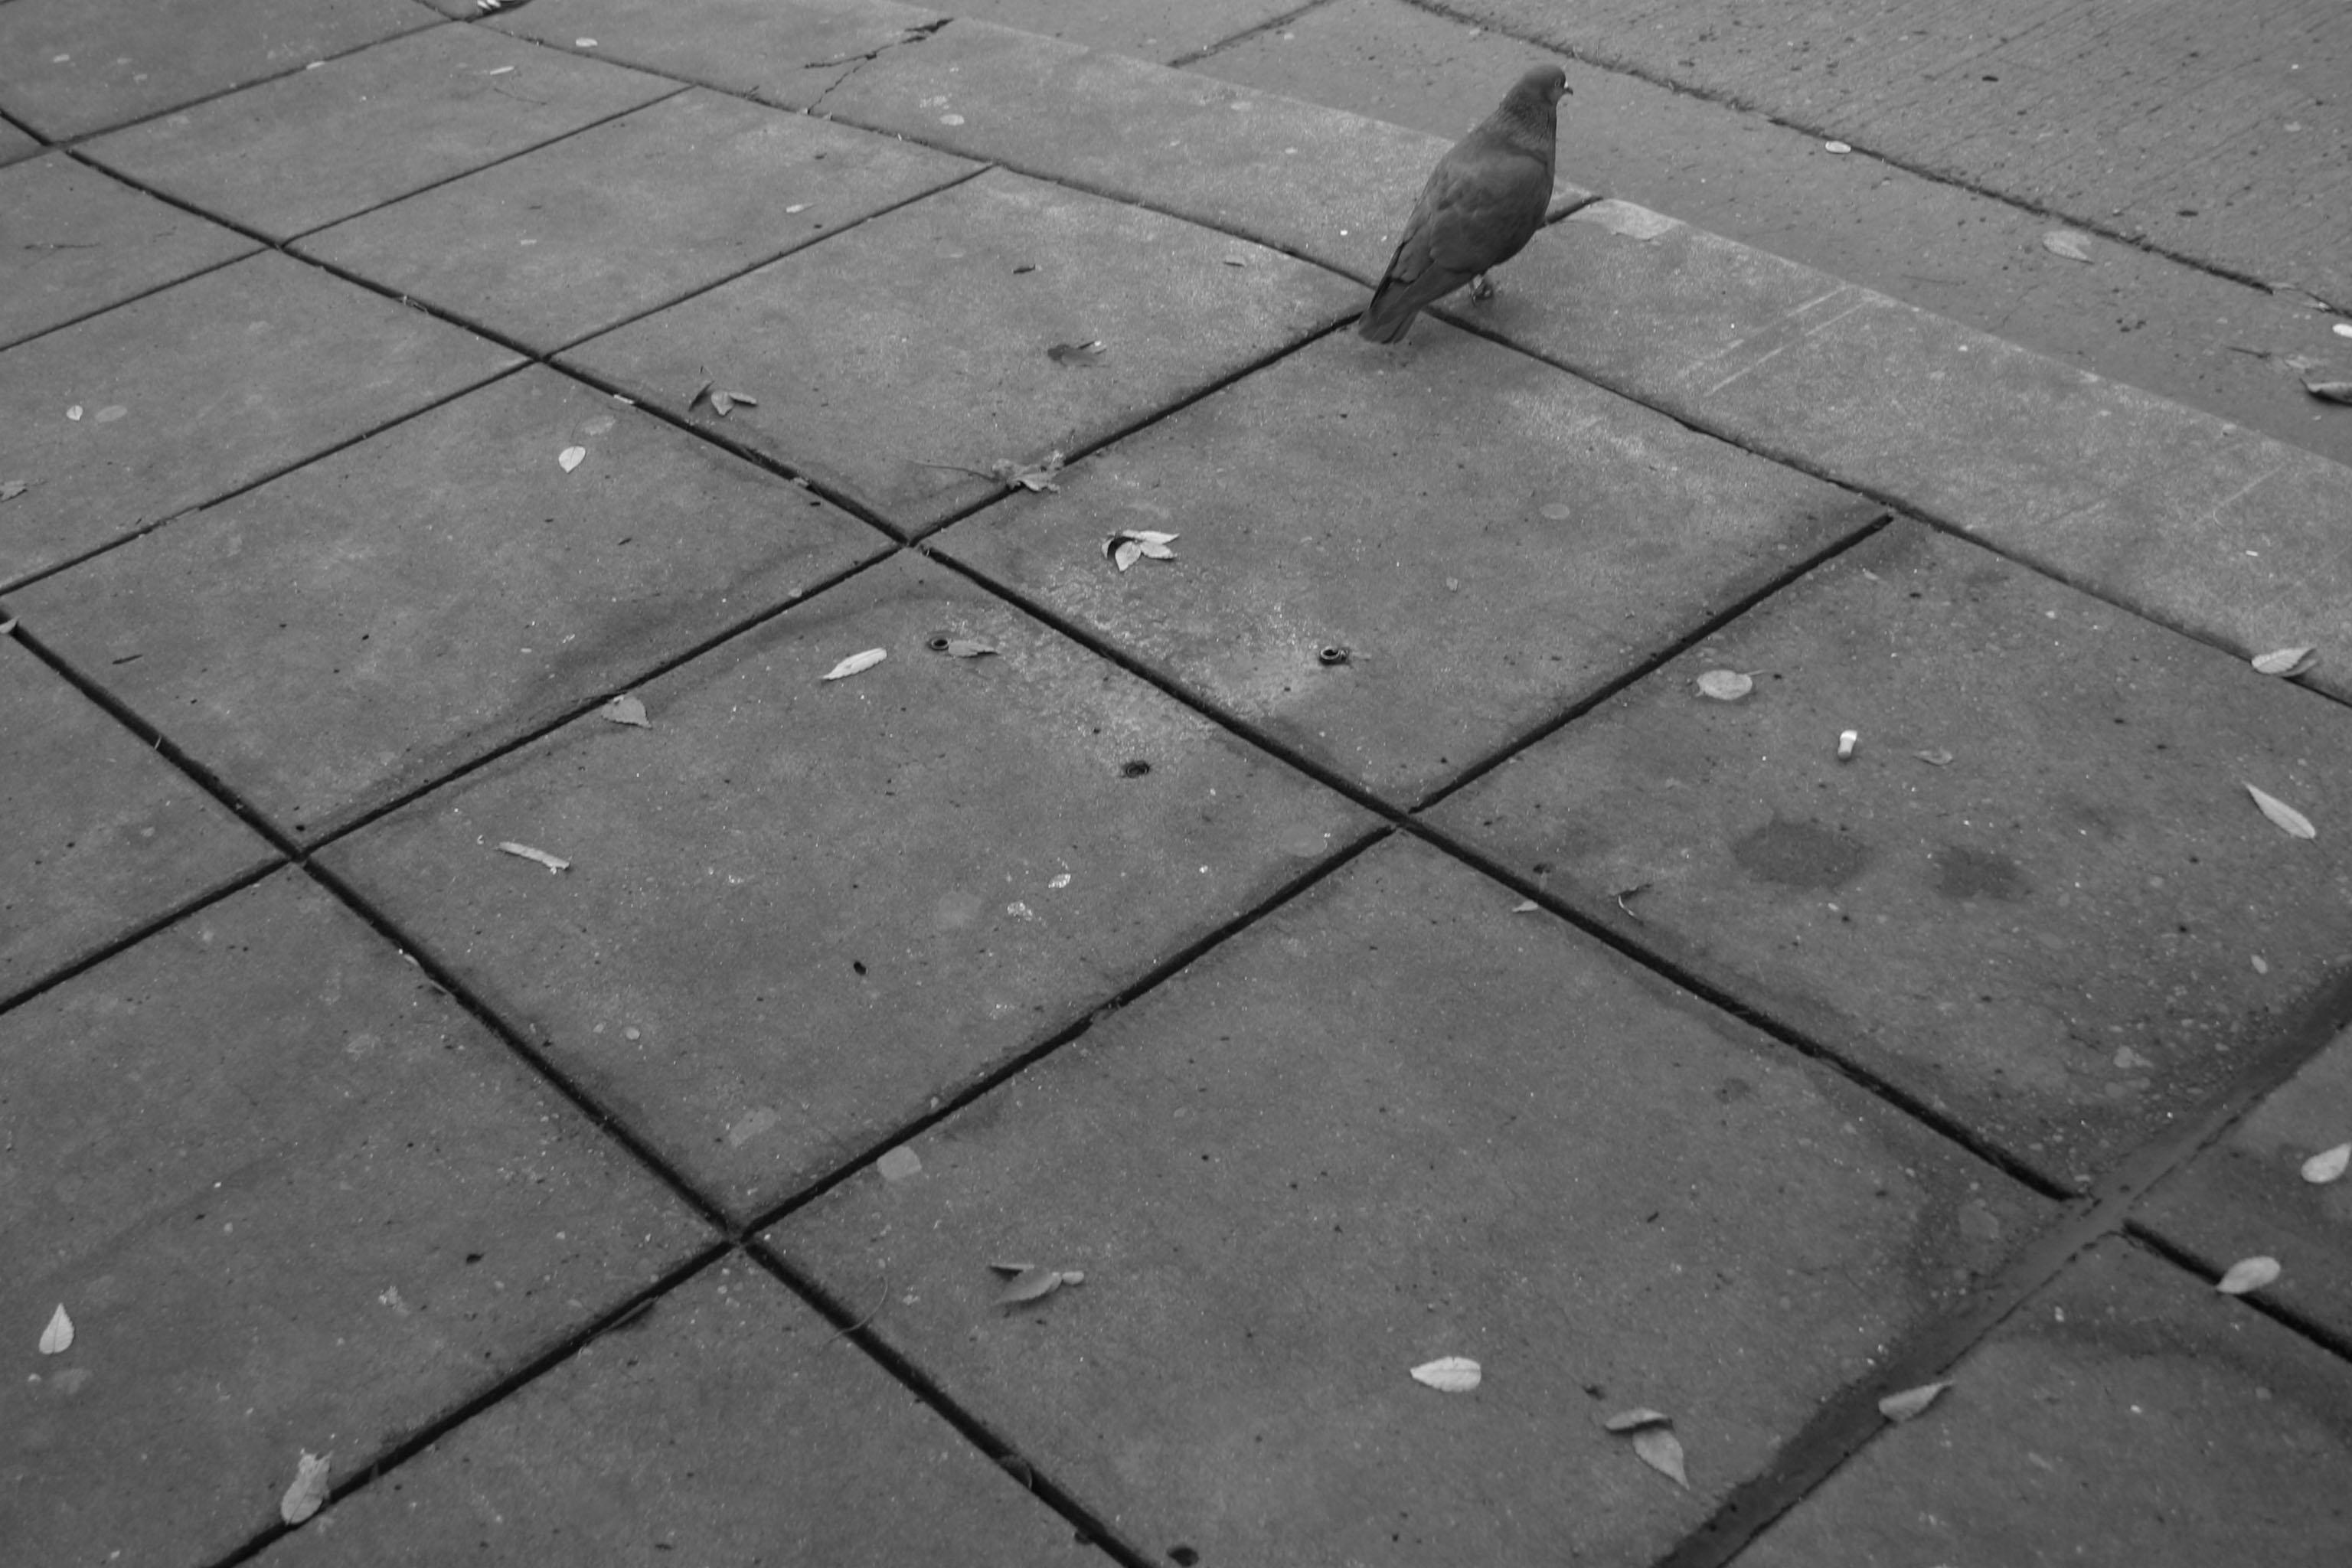 bird_grid.jpg